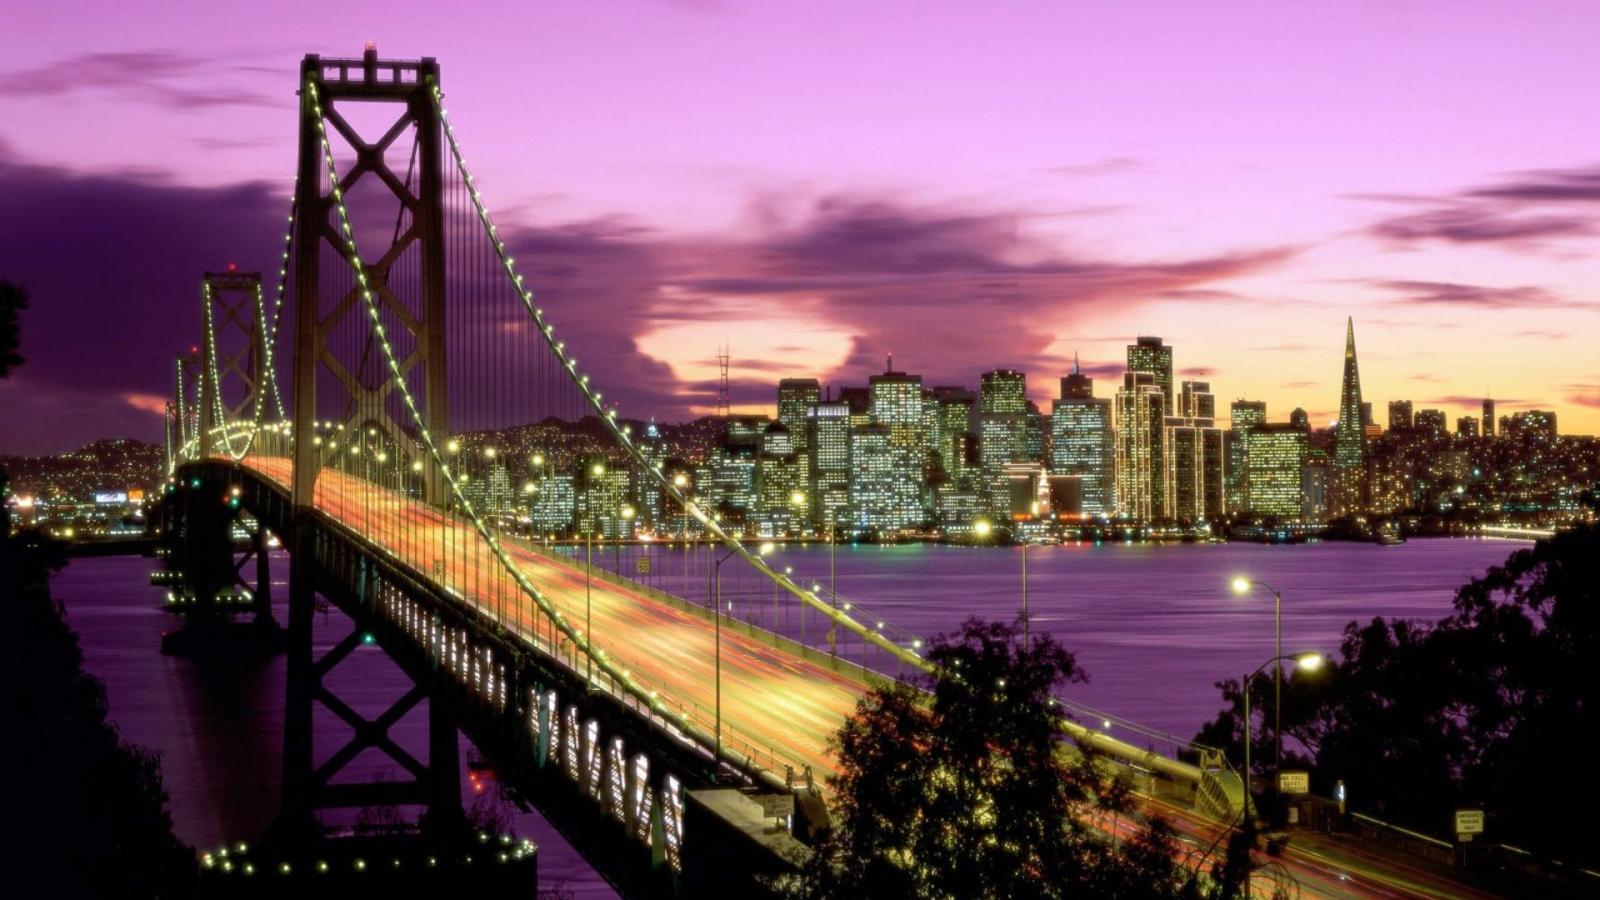 Vista nocturna de ciudad - 1600x900